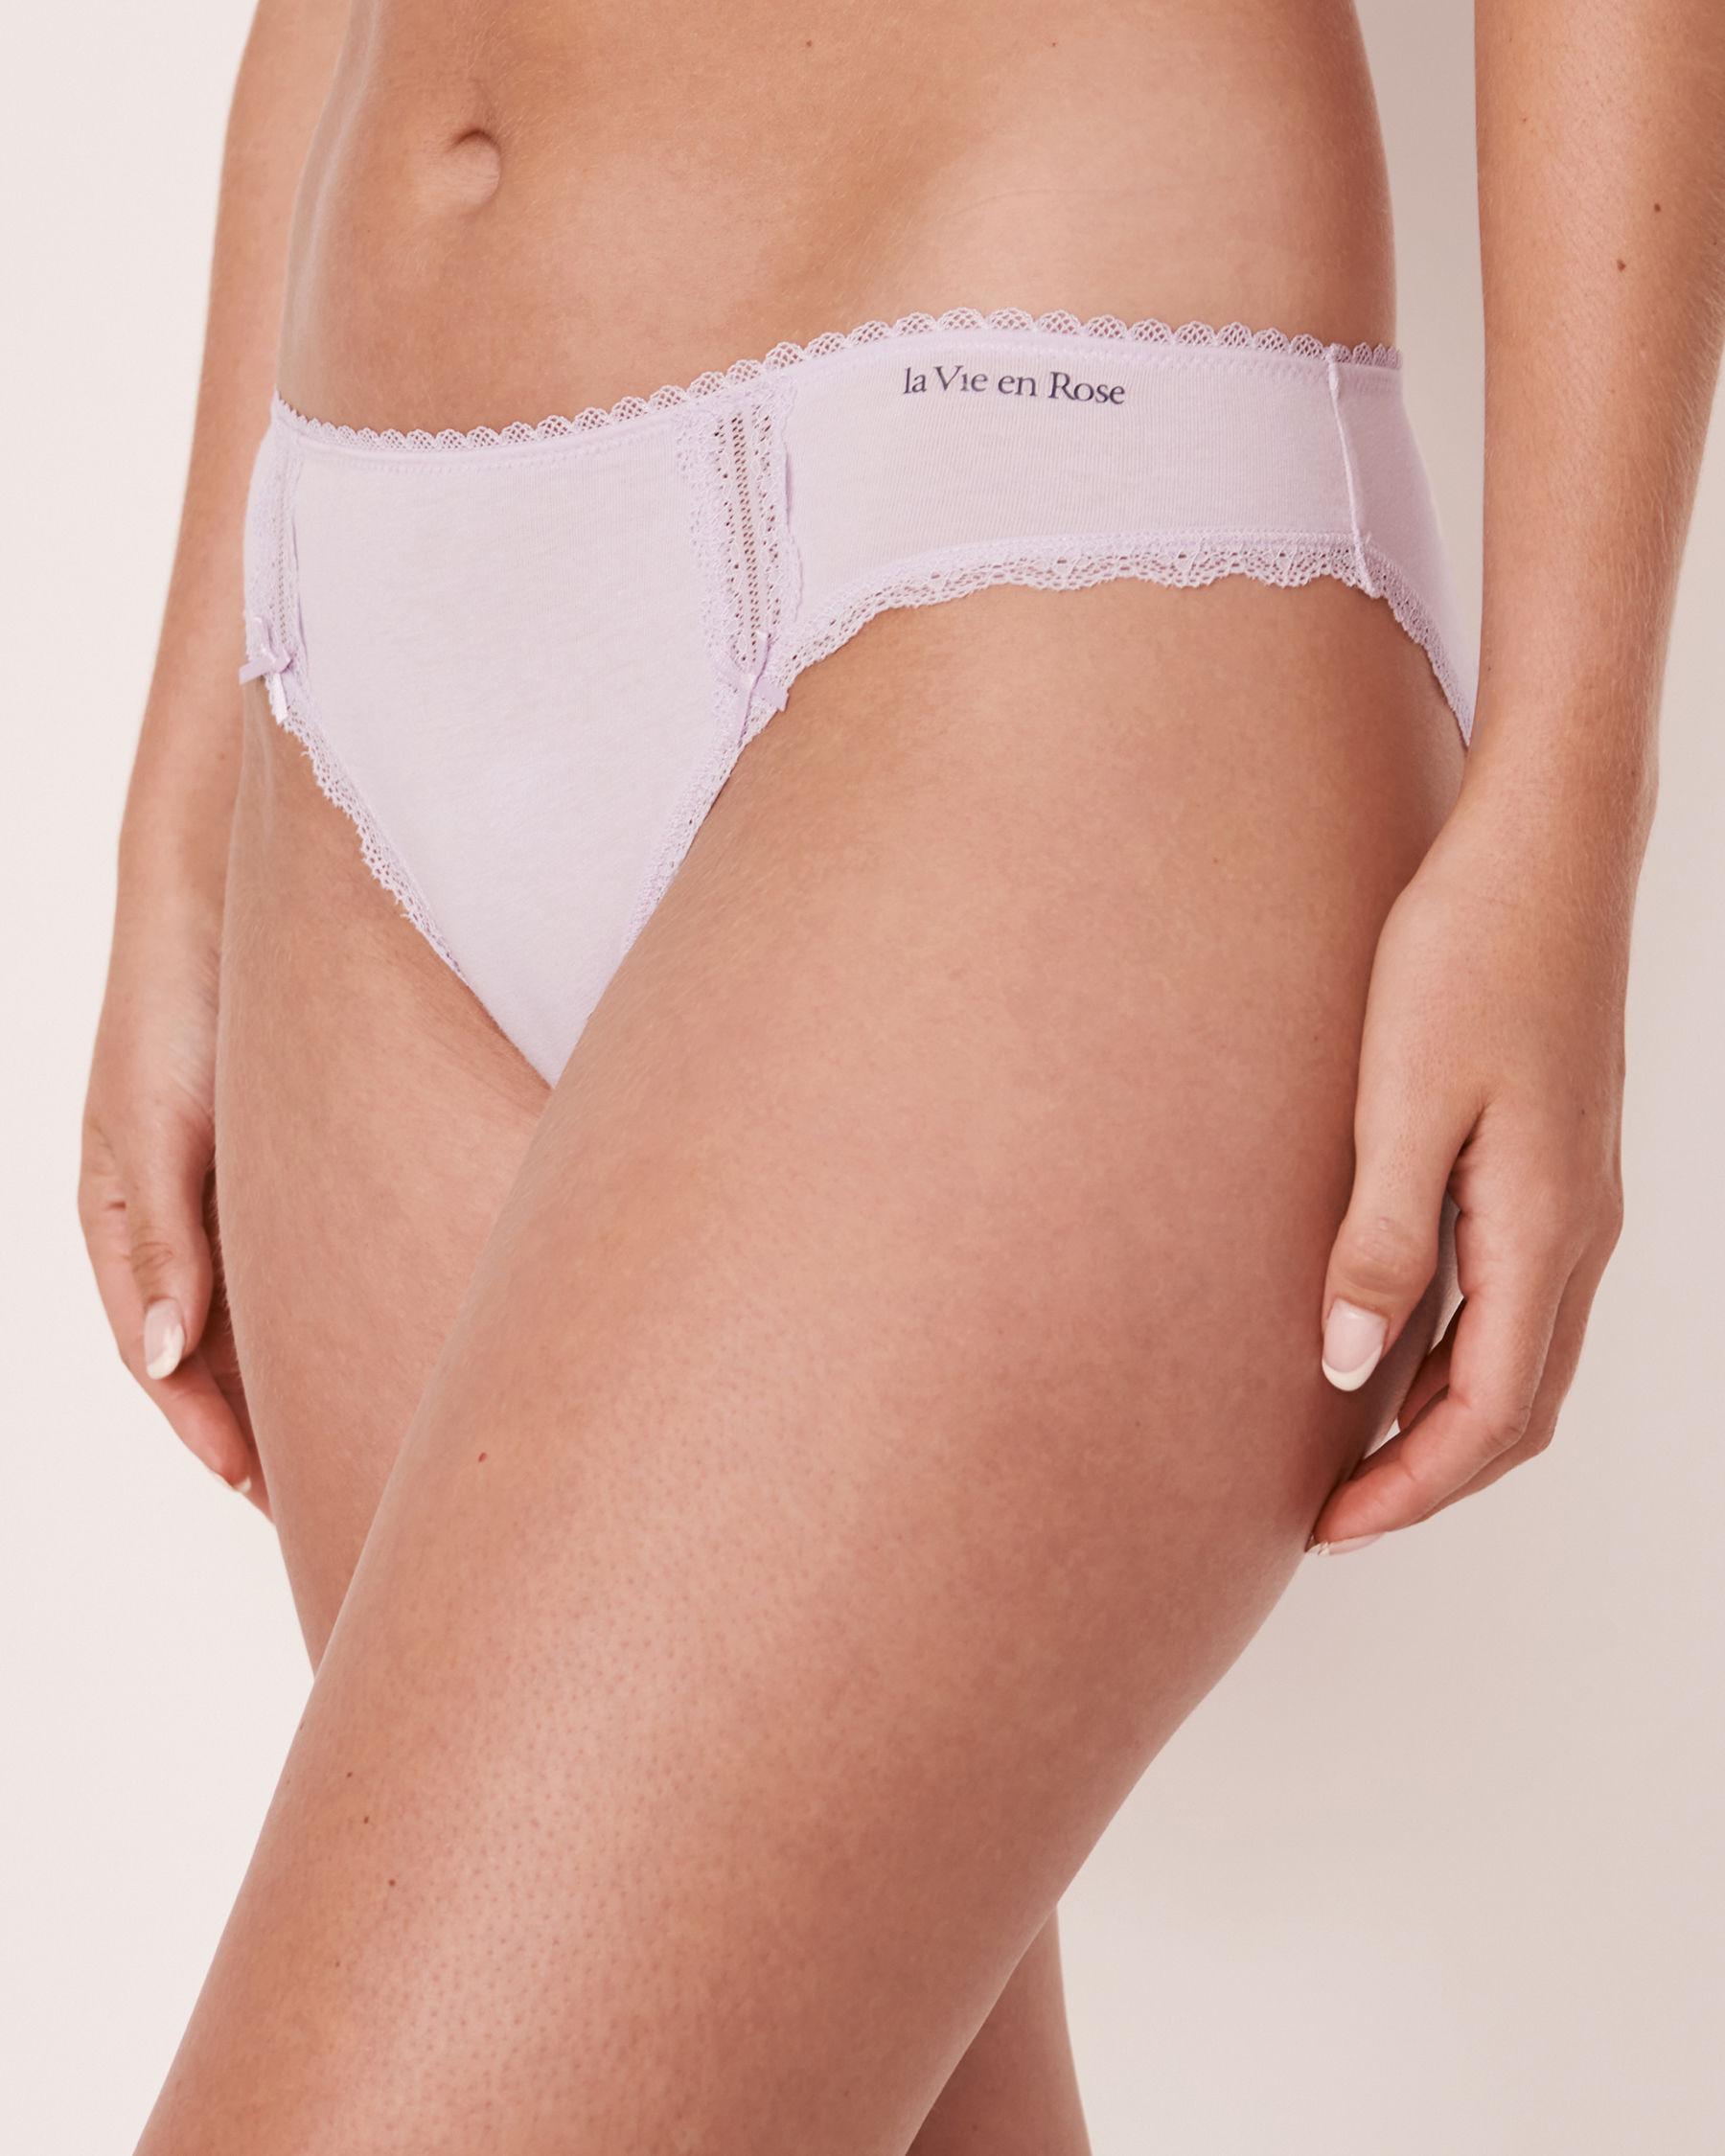 LA VIE EN ROSE Bikini Panty Lavender 20100072 - View1